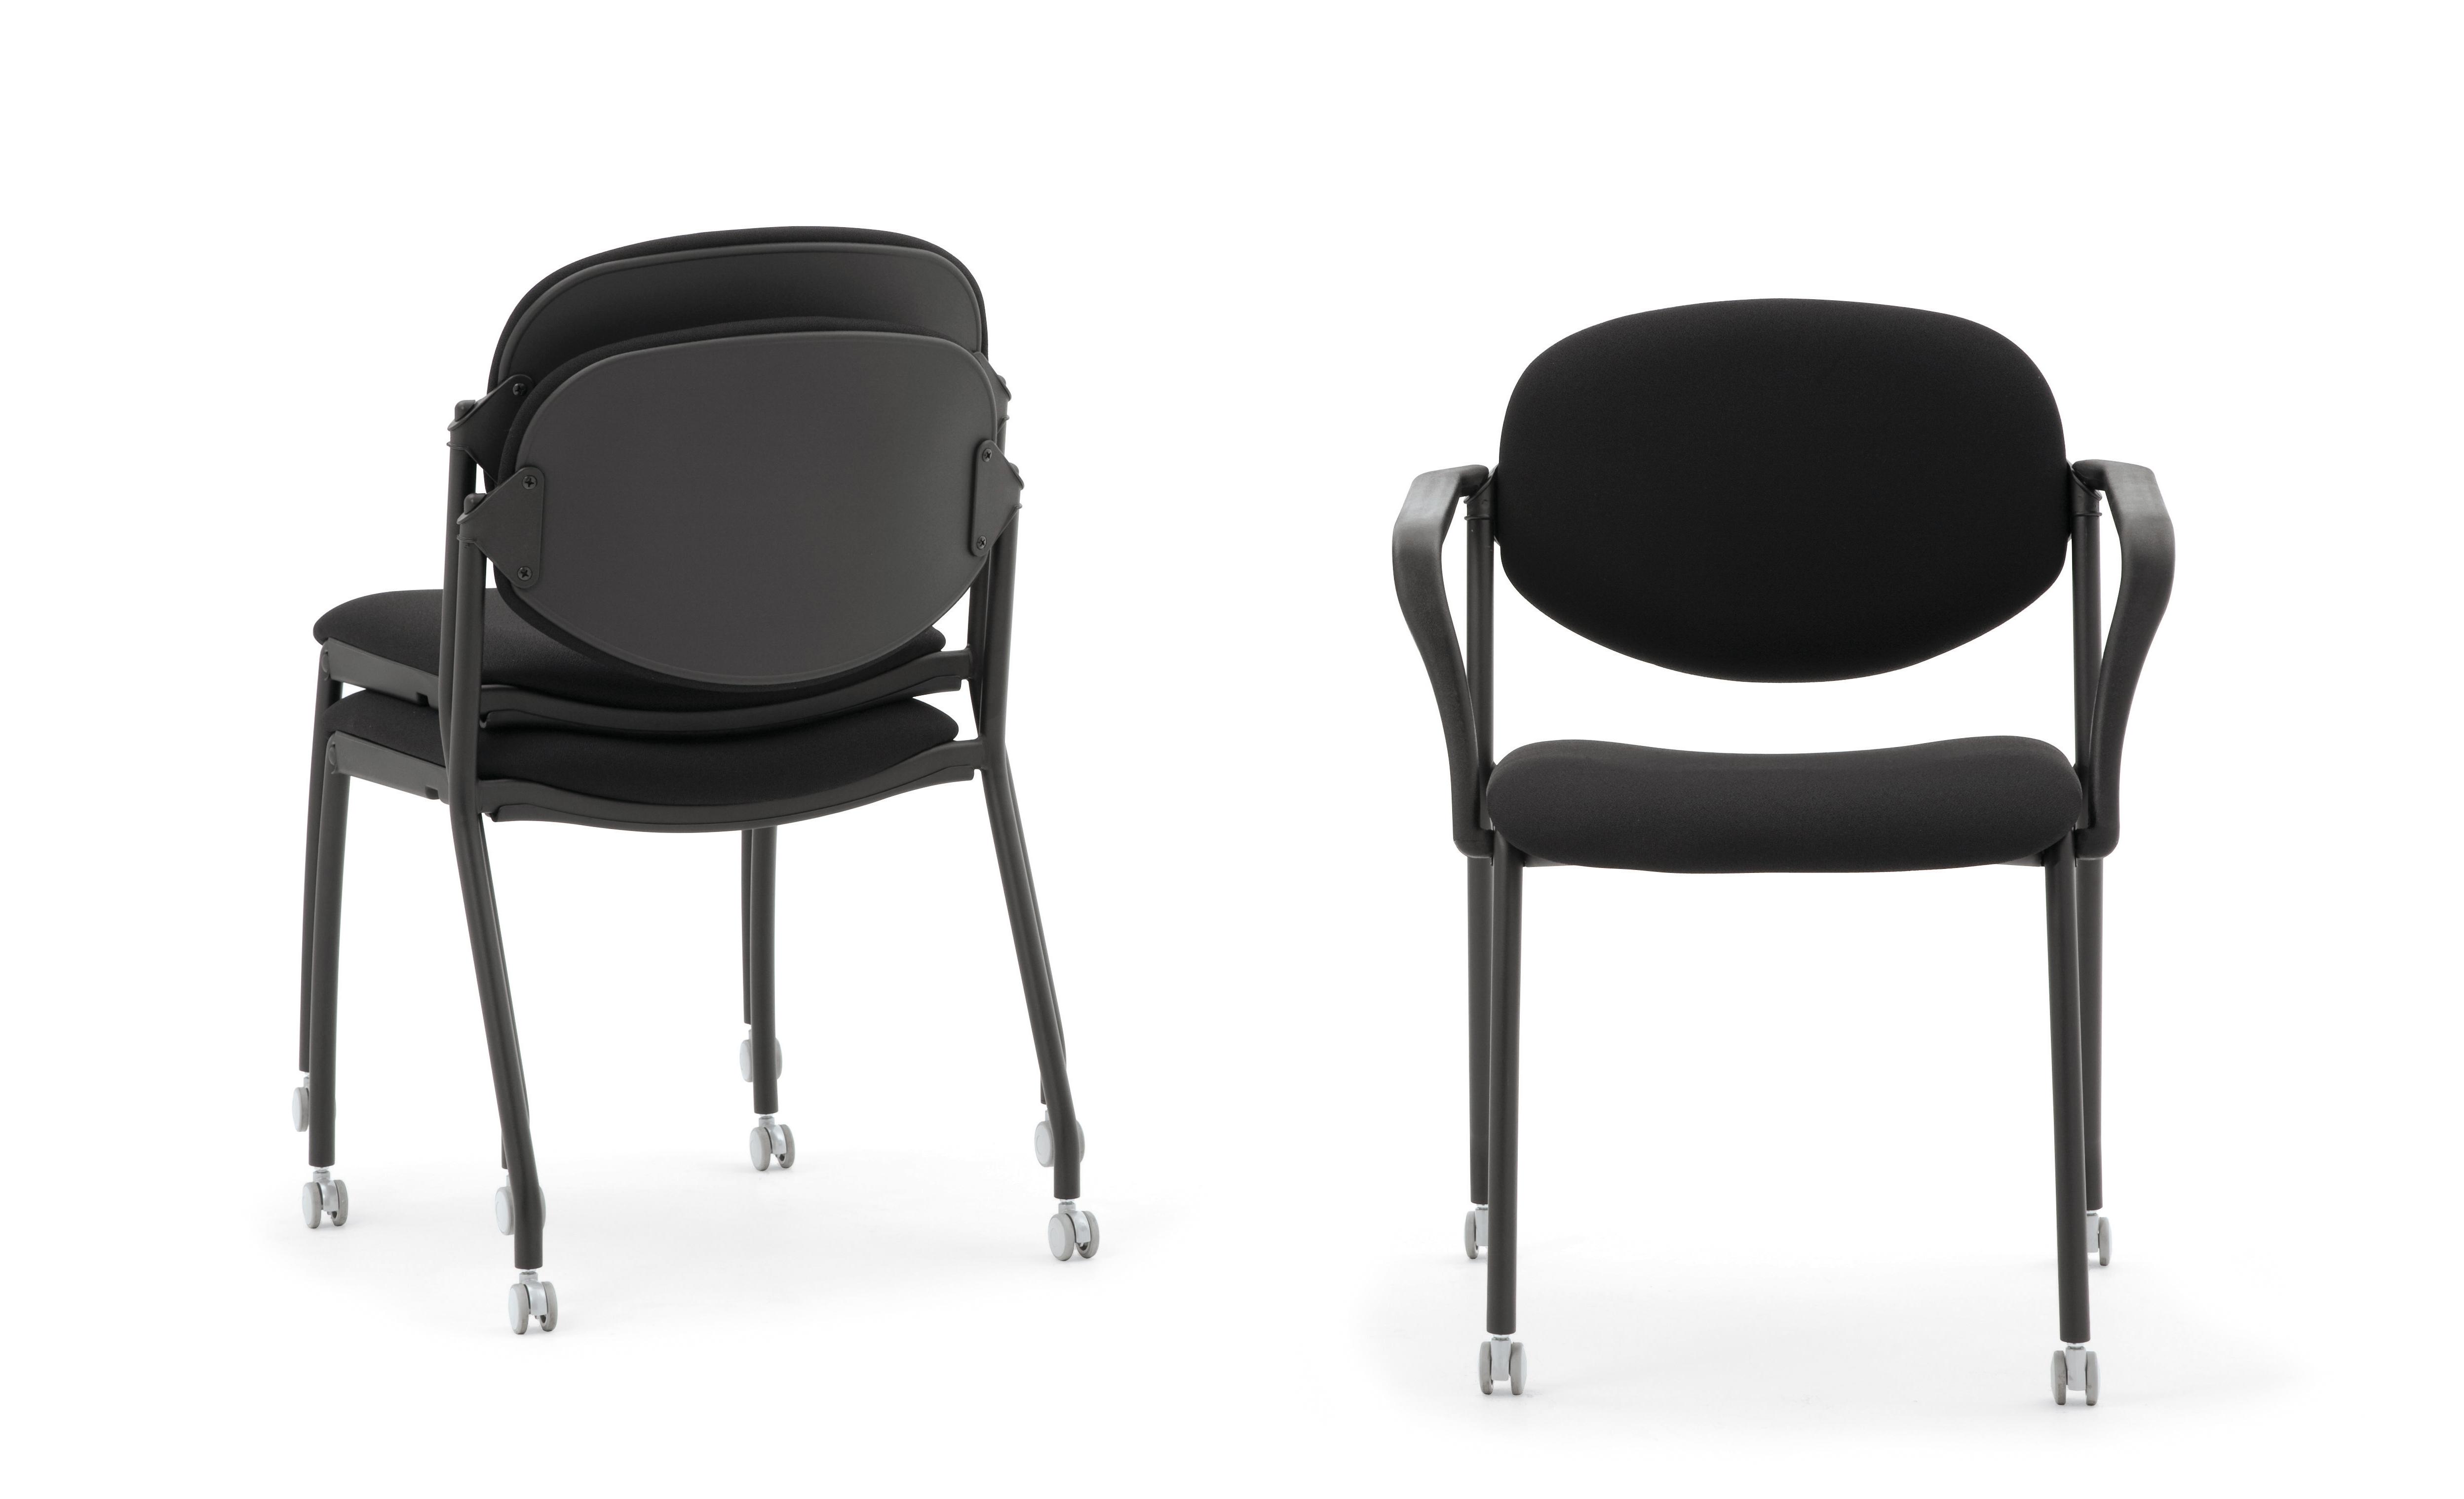 Sedie Da Ufficio Senza Ruote : Sedie da ufficio senza rotelle idea del concetto di interior